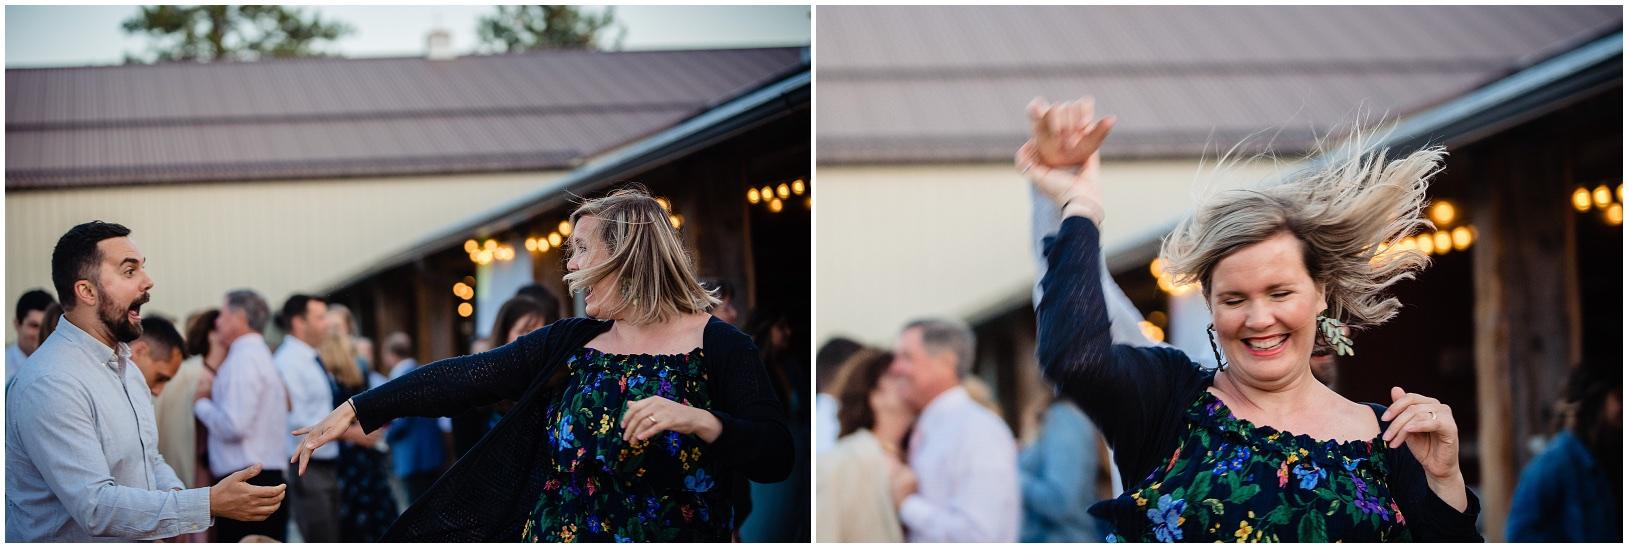 lindseyjane_weddings0152.jpg